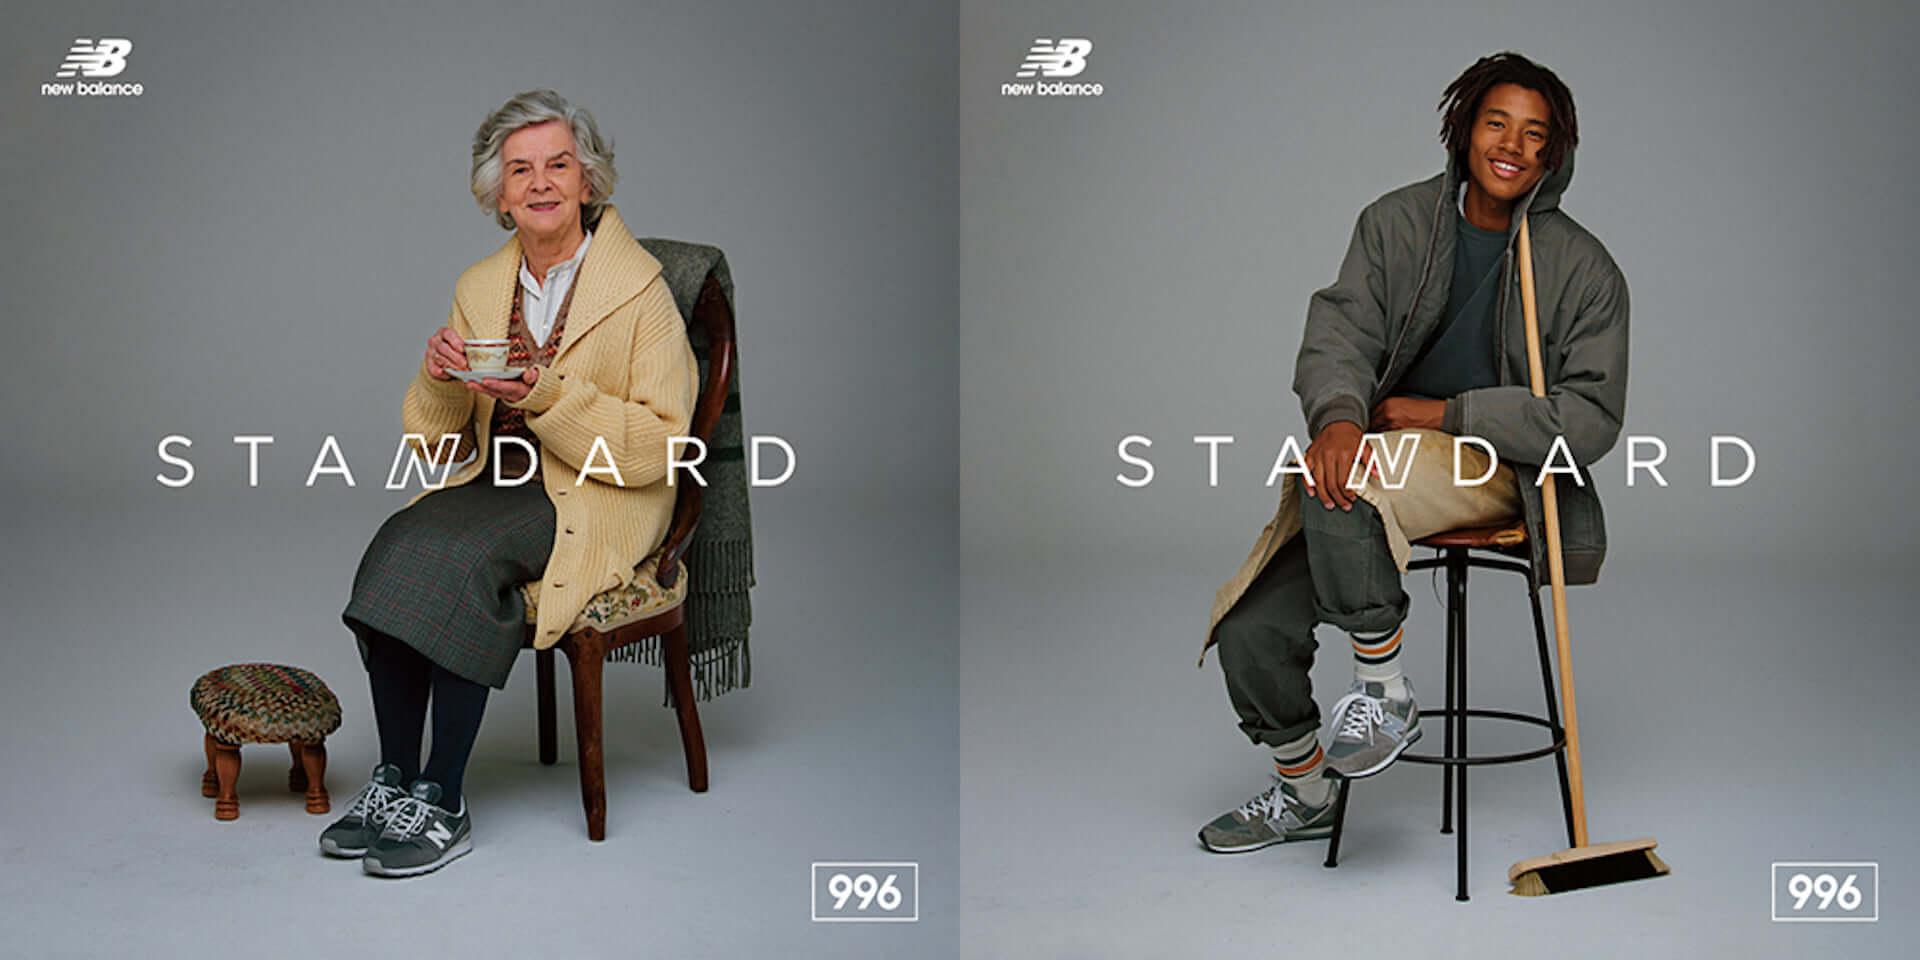 ニューバランス、究極のスタンダード「996」から定番カラーが登場|十人十色のスタンダードスタイルを表現したクリエイティブも公開 life190807_newbalance_996_6-1920x960